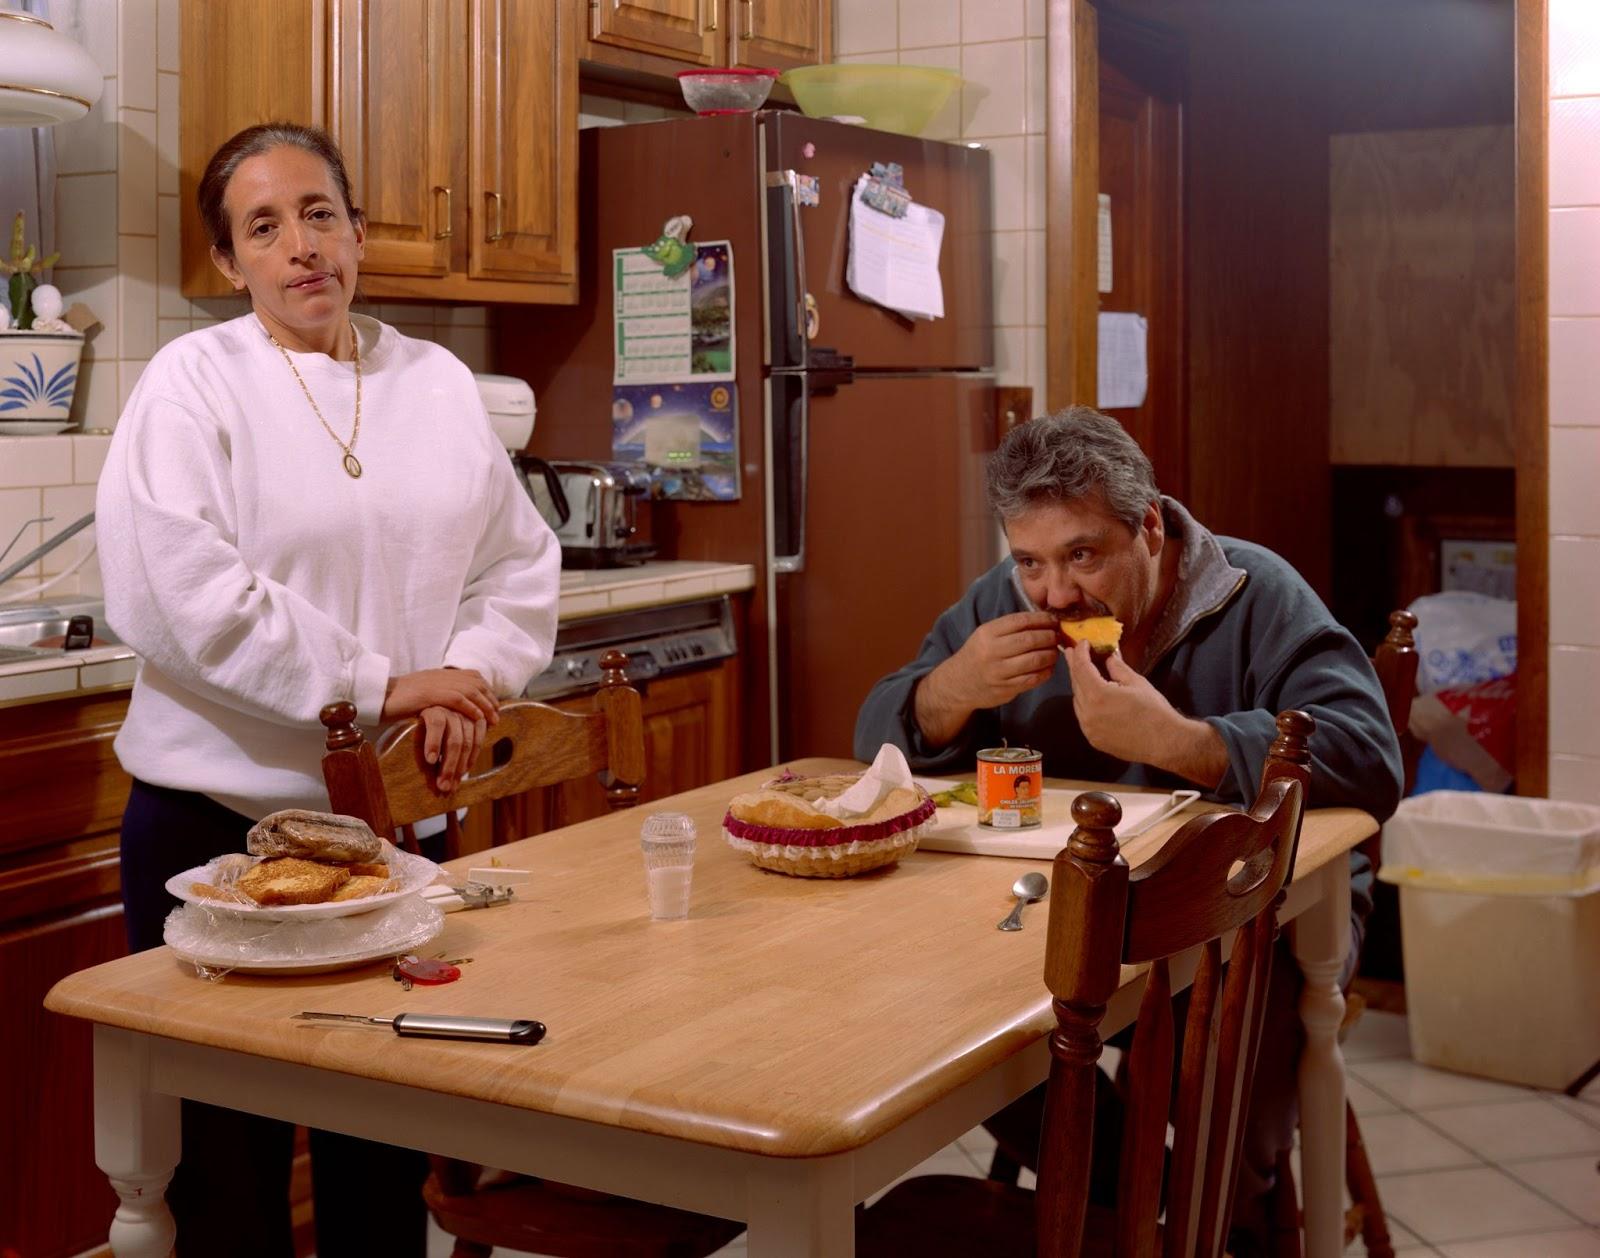 The image is a portrait of my parents in our kitchen in Berwyn, Illinois. My mother looks directly at the camera. She is casually dressed in a white sweatshirt, dark pants, and wears a long golden chain necklace with an enamel pendant of the Virgin of Guadalupe. She stands behind a wooden dining table with her hands resting on top of a chair. In front of her is a dish of assorted breads wrapped in plastic. On her left, my father is sitting down. He is eating a mango. His elbows are on the table. A small can of La Morena chiles and a basket of tortillas are within his reach. The walls and countertops of the kitchen are a white tiled brick pattern. The wooden cabinets give the room a sense of warmth. Behind them, magnets holding various papers decorate the large brown refrigerator and a doorway leads to the basement. Spanish: La imagen es un retrato de mis padres en nuestra cocina en Berwyn, Illinois. Mi madre me mira directamente a la cámara. Ella está casualmente vestida con una sudadera blanca, pantalones oscuros, y tiene puesta una cadena dorada con un colgante esmaltado de la Virgen de Guadalupe. Ella está parada detrás de una mesa de comedor de madera con sus manos reposadas en la parte superior de la silla. En frente de ella hay un platón lleno de panes distintos envueltos en plástico. A su izquierda, mi padre está sentado. Él se está comiendo un mango. Sus codos están sobre la mesa. Una lata pequeña de chiles marca La Morena y una canasta de tortillas están a su mano. Las paredes y la barra de la cocina son de un patrón de ladrillos hechos de cerámica blanca. Los gabinetes de madera le dan una sensación de calidez al cuarto. Detrás de ellos, imanes que sostienen varios papeles adornan el gran refrigerador marrón y la puerta que lleva al sótano.